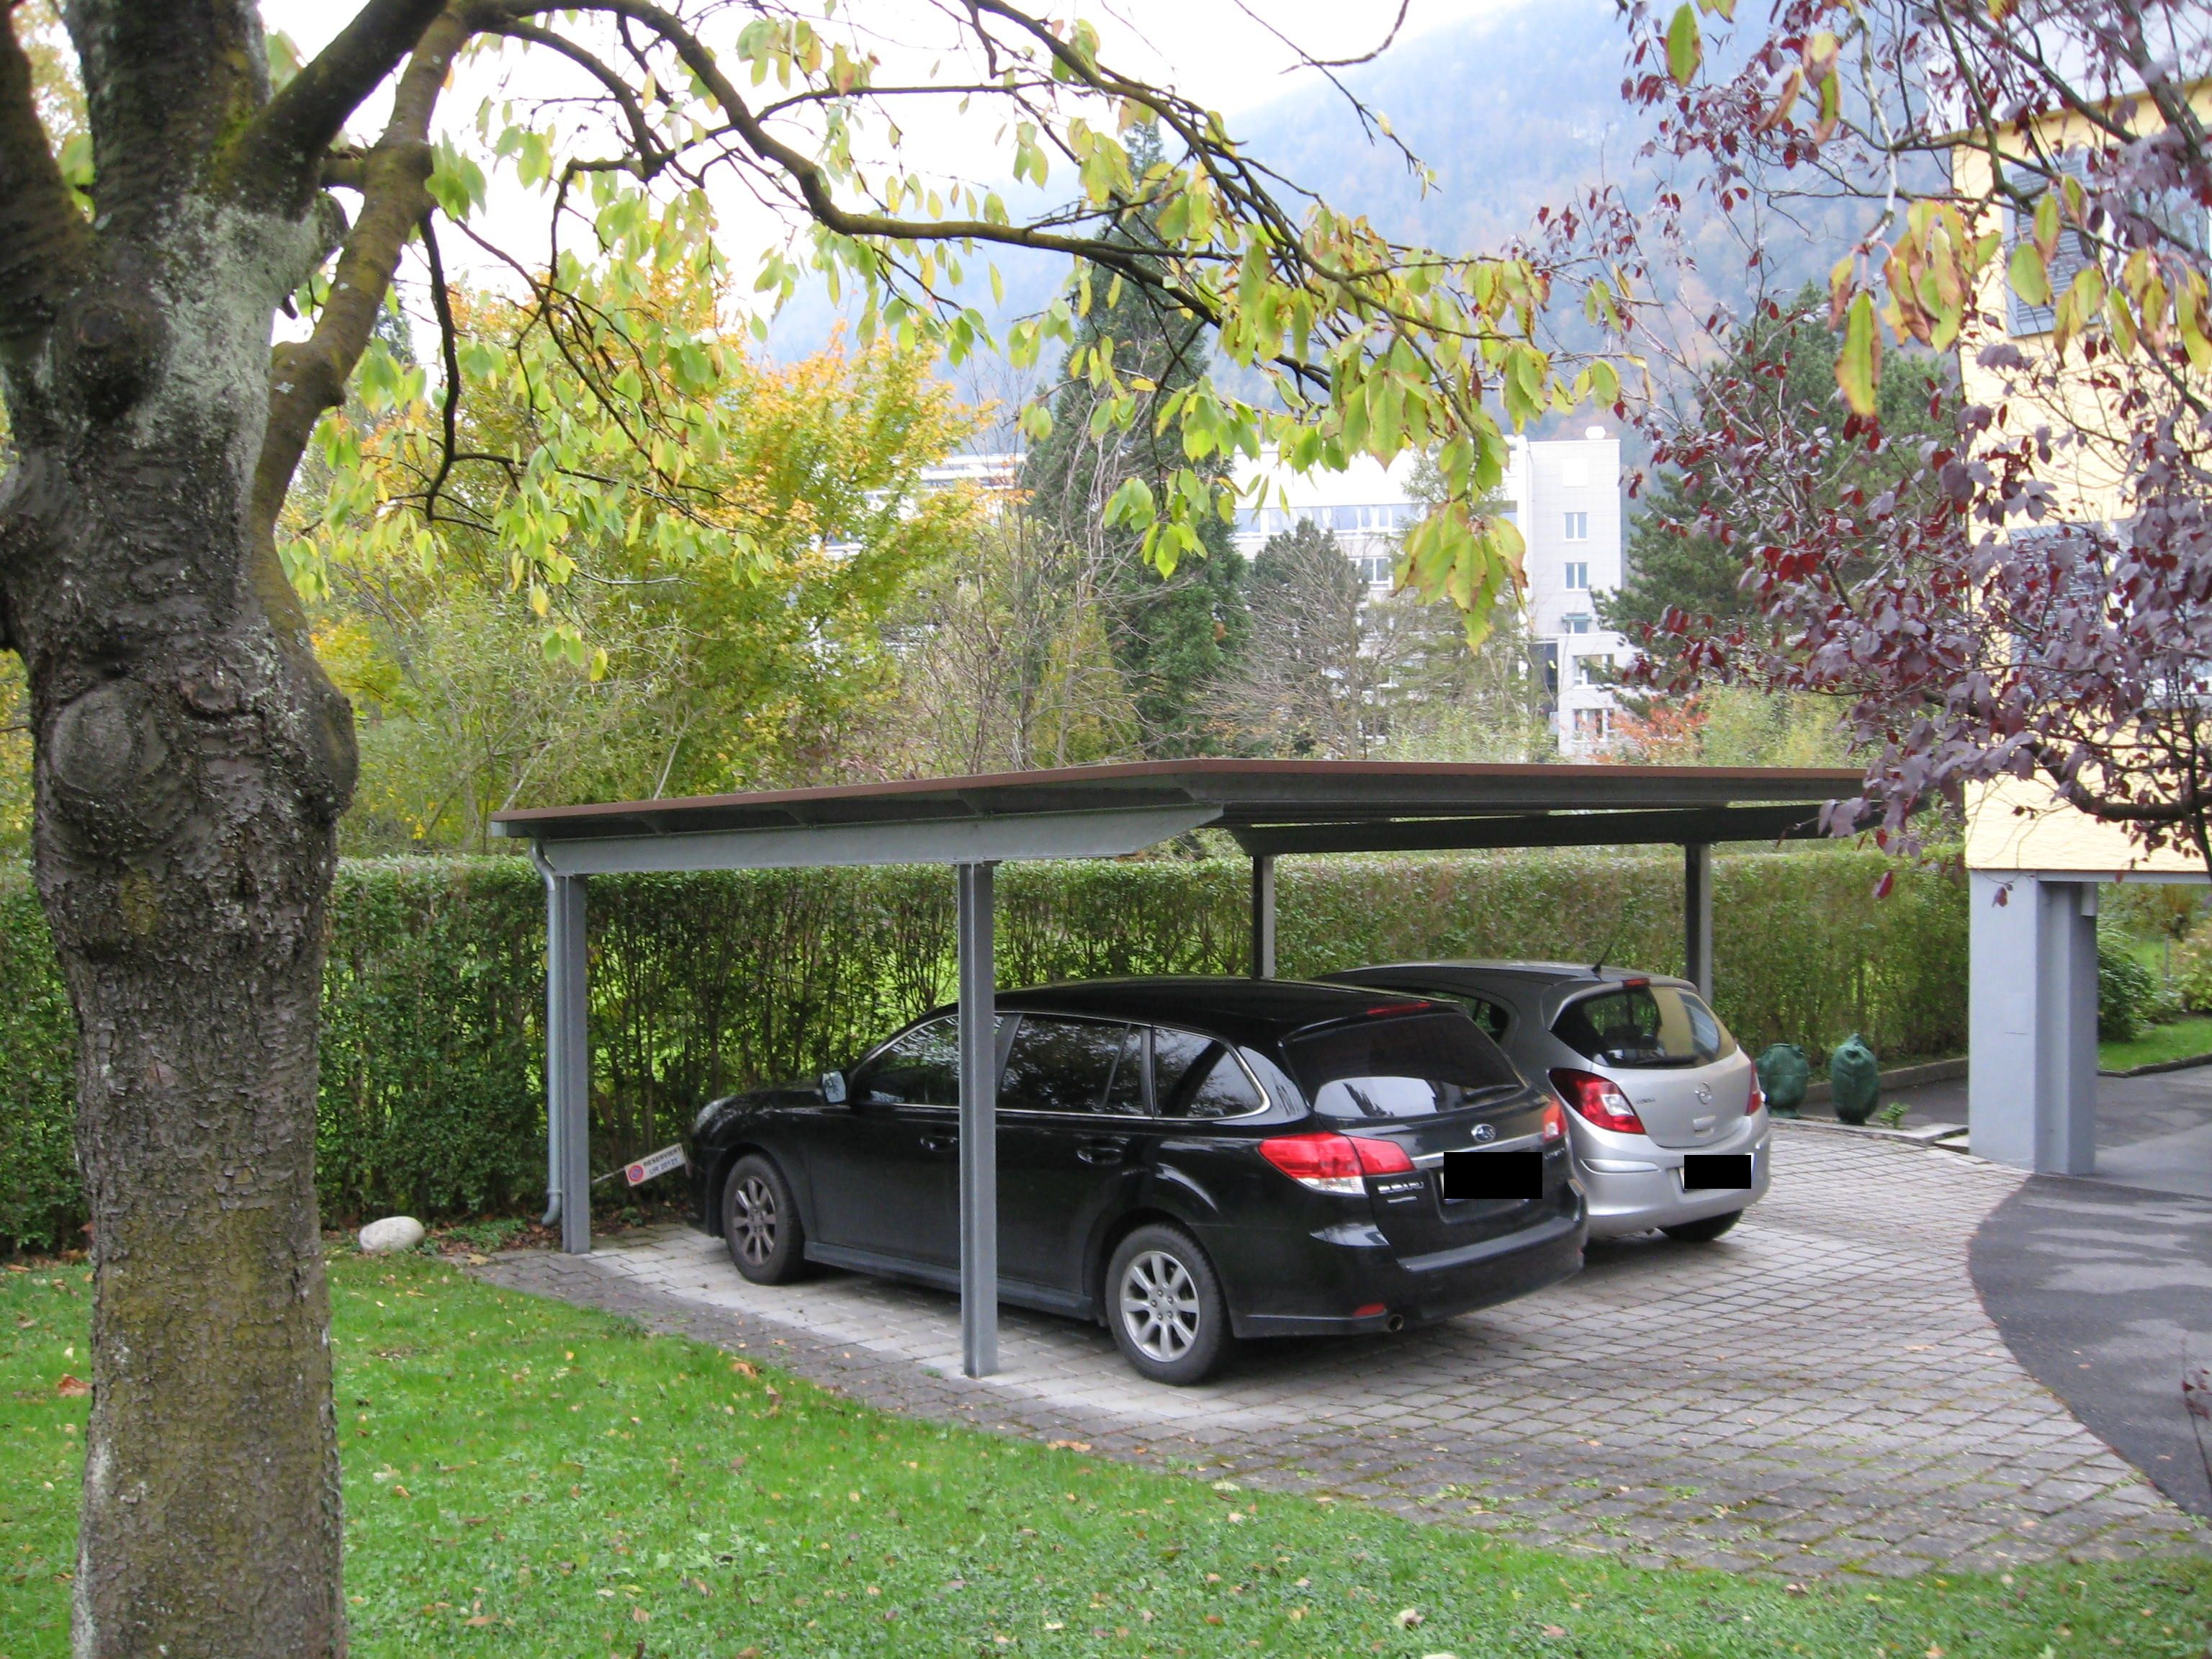 FlachdachCarport 6° geneigt aus Stahl für zwei Autos